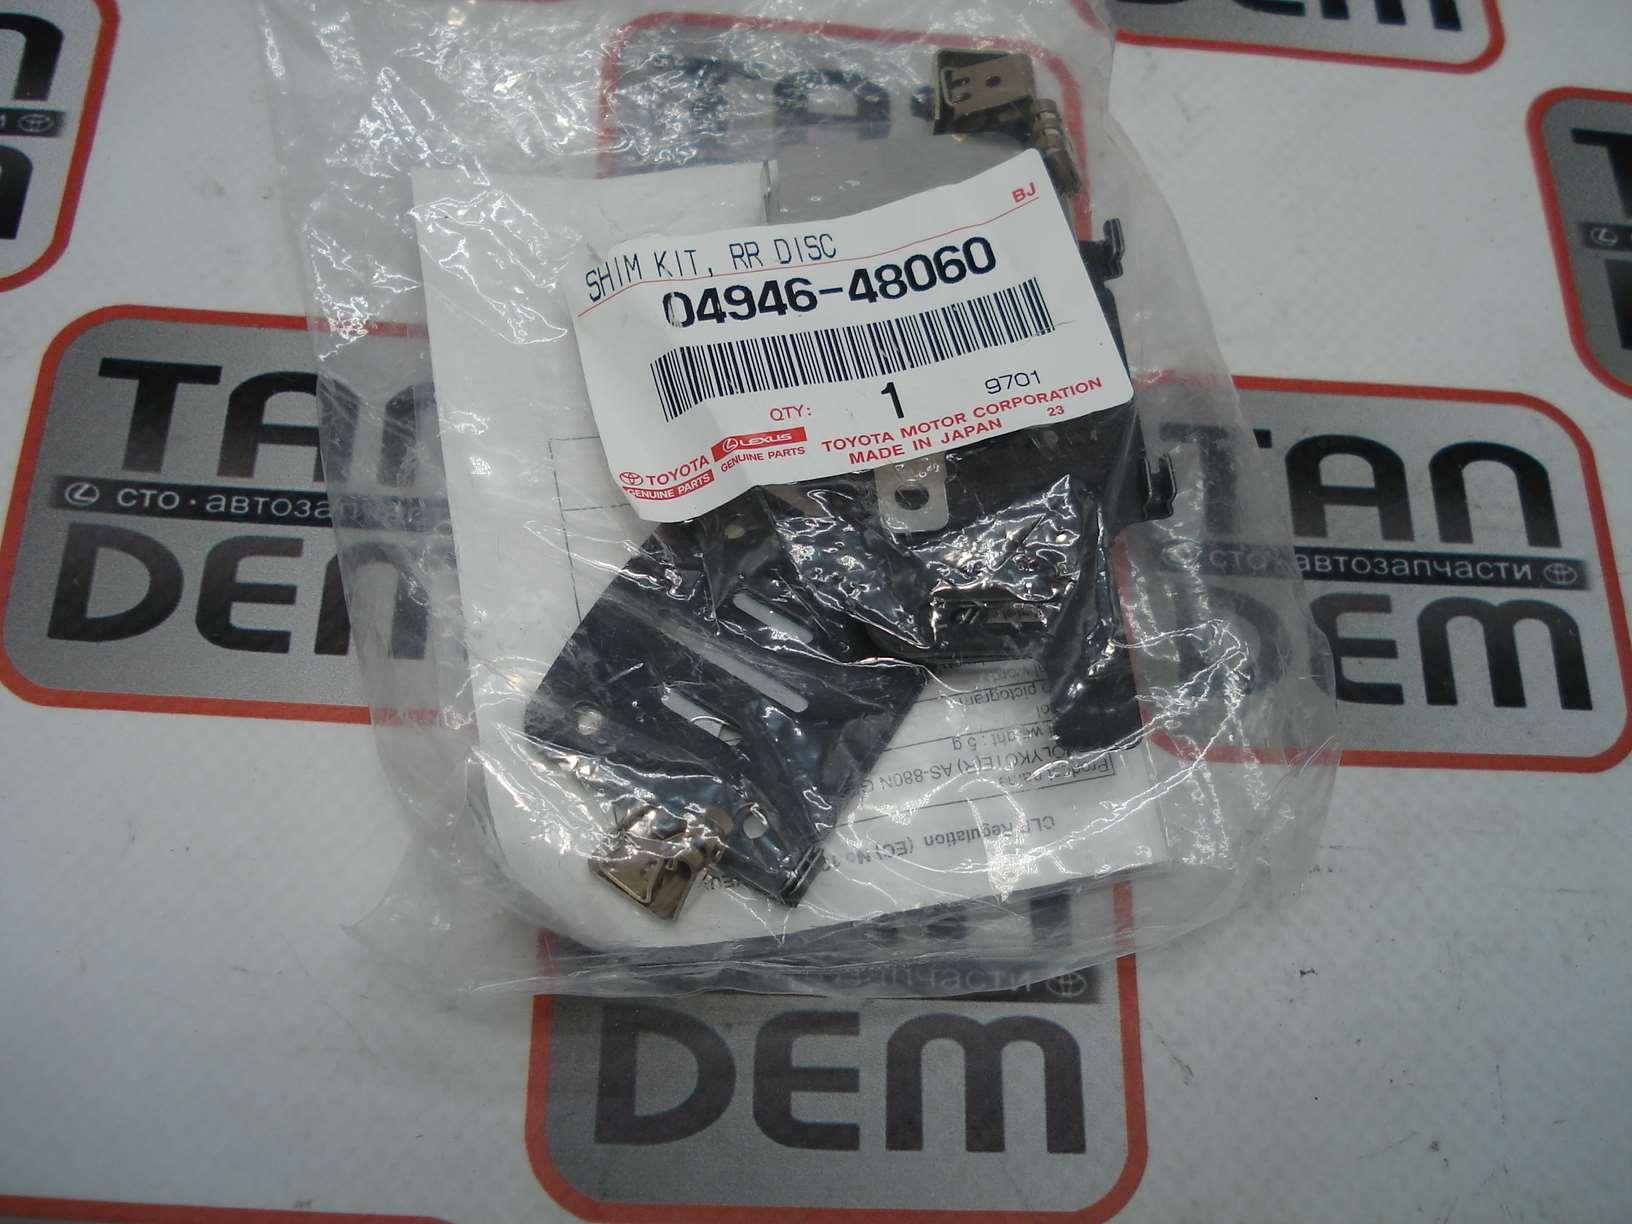 Пластины задних колодок RX350 04946-48060, 04946-0E020